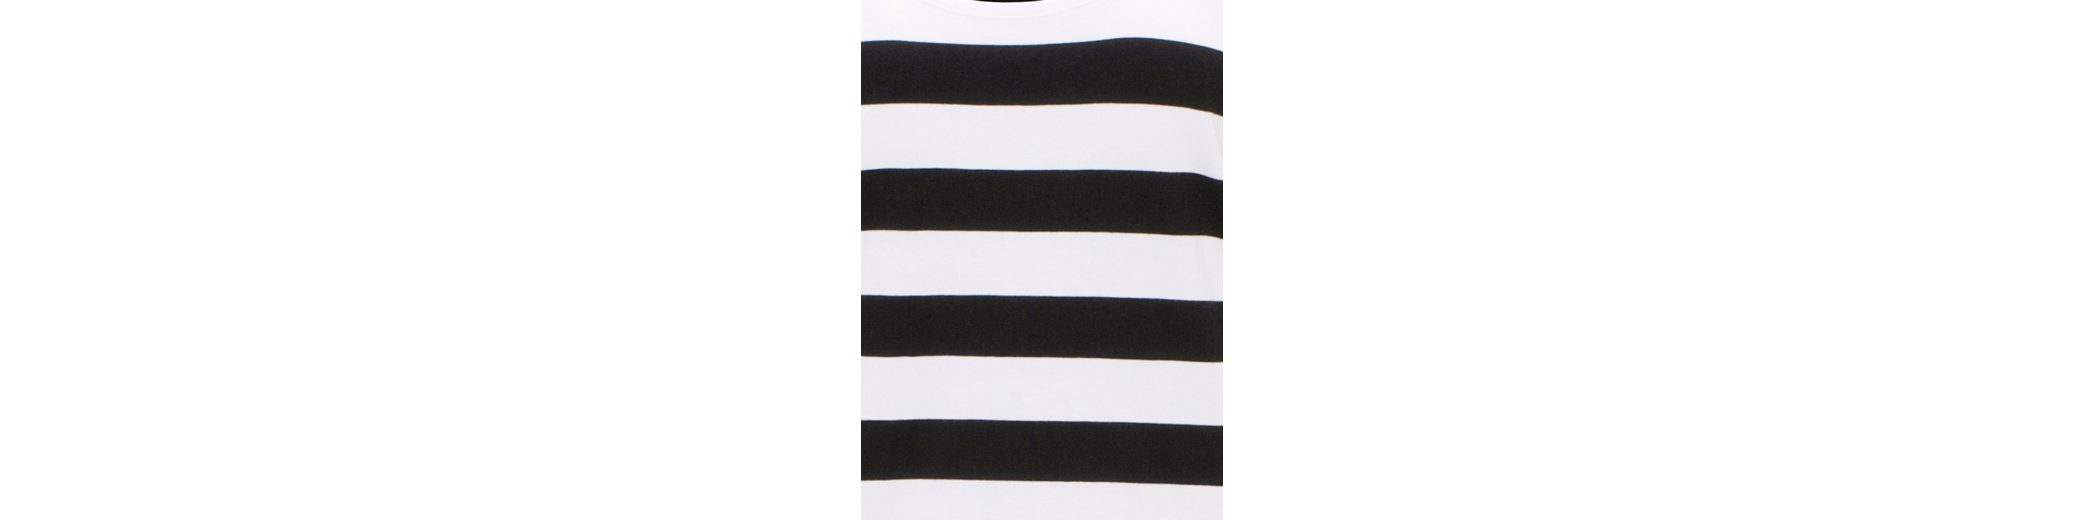 Anna Aura T-Shirt mit Streifenmuster Frei Verschiffen Footaction Günstig Online Mit Mastercard Zum Verkauf Zum Verkauf Günstig Online LsdIf